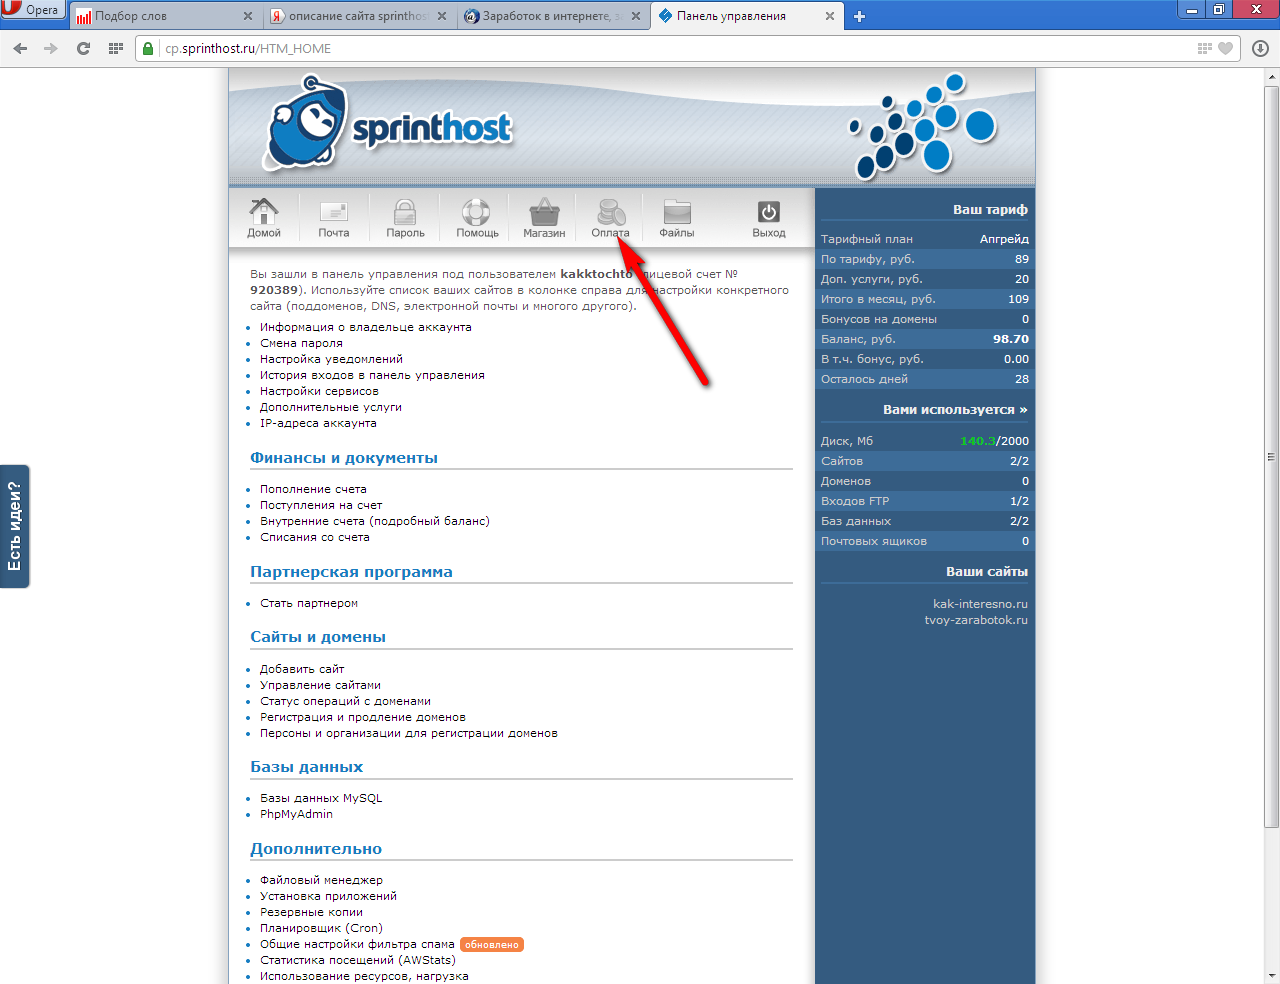 Купить хостинг для сайта ru новые сервера майнкрафт 1.5.2 с 1000 лвл